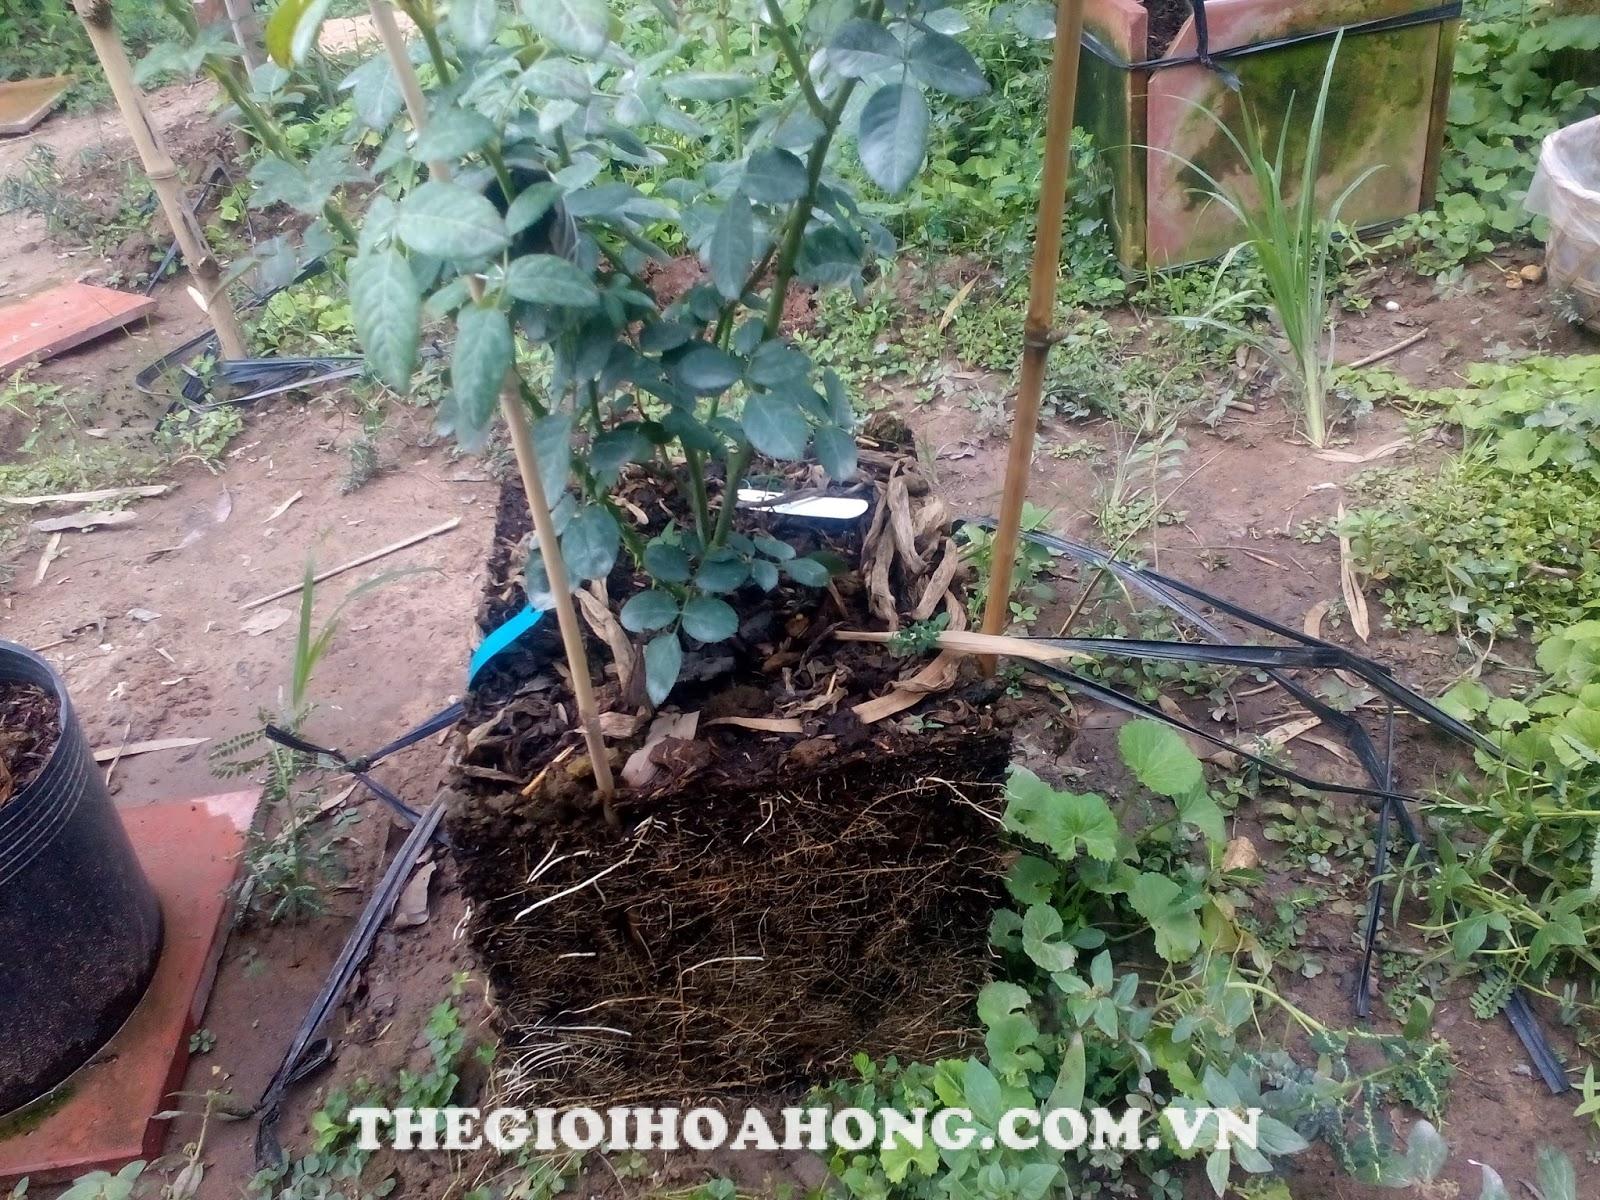 Thay đất cho cây hoa hồng trồng chậu đúng cách (3)